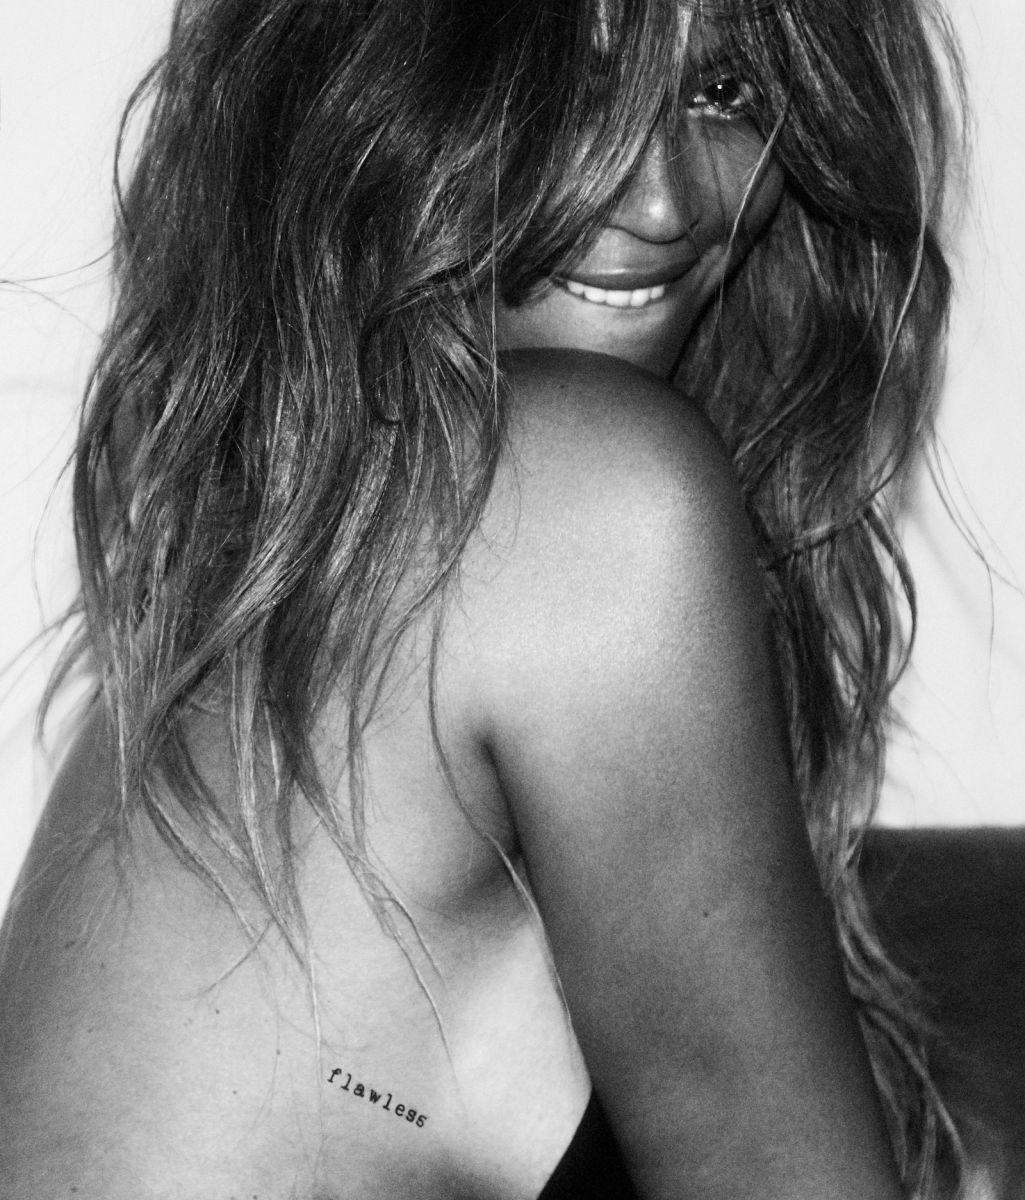 Тренд от звезды: Бейонсе показала как носить флэш-тату